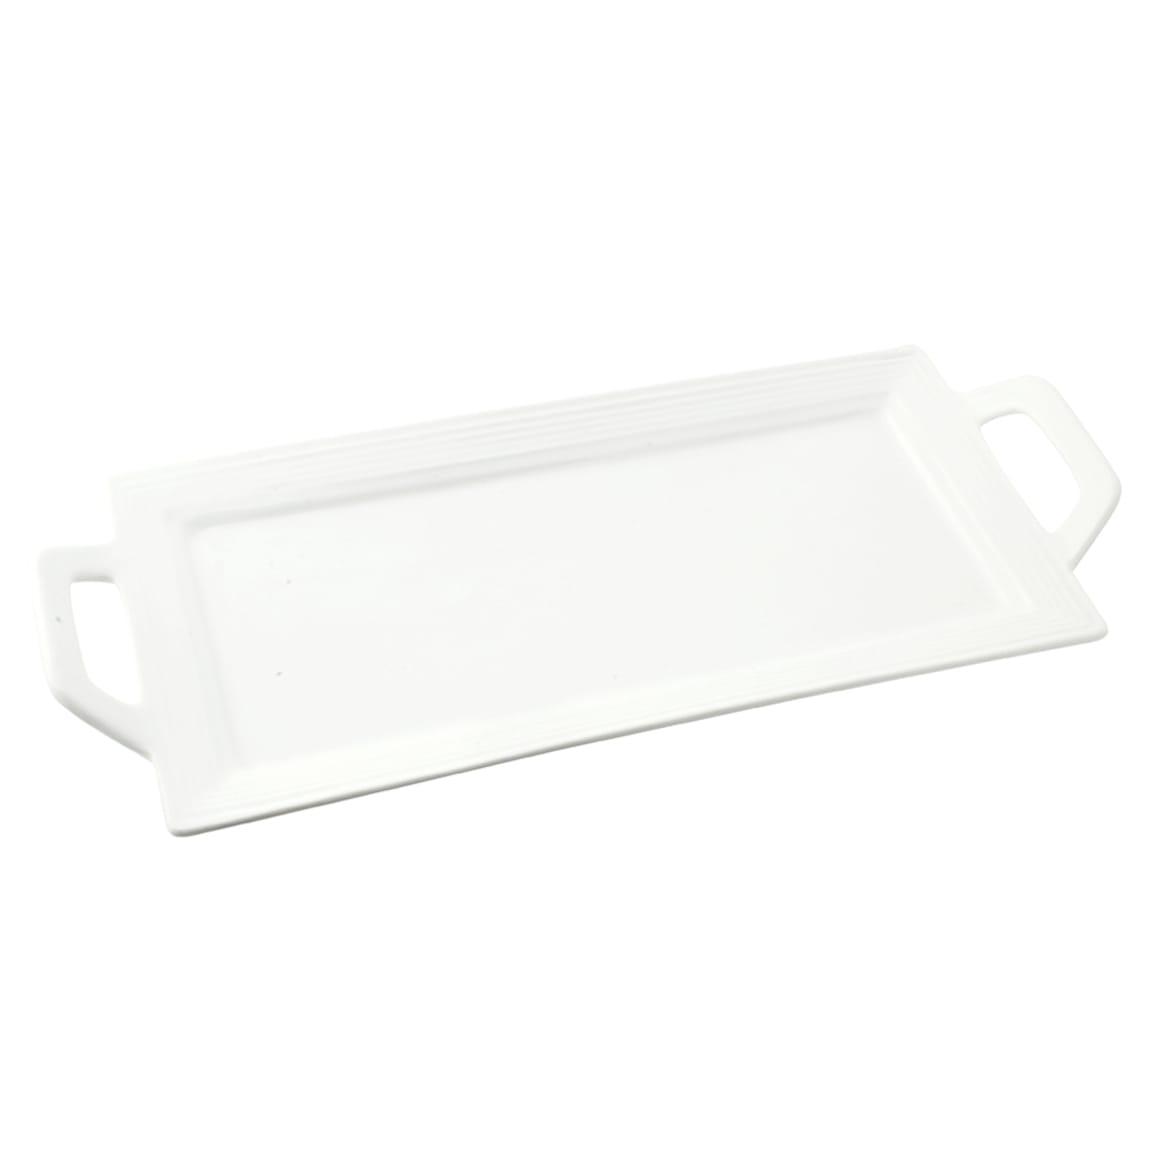 """10 Strawberry Street WTR-13EMBHNDLPLTR Rectangular Whittier Platter - 13"""" x 6"""", Porcelain, White"""